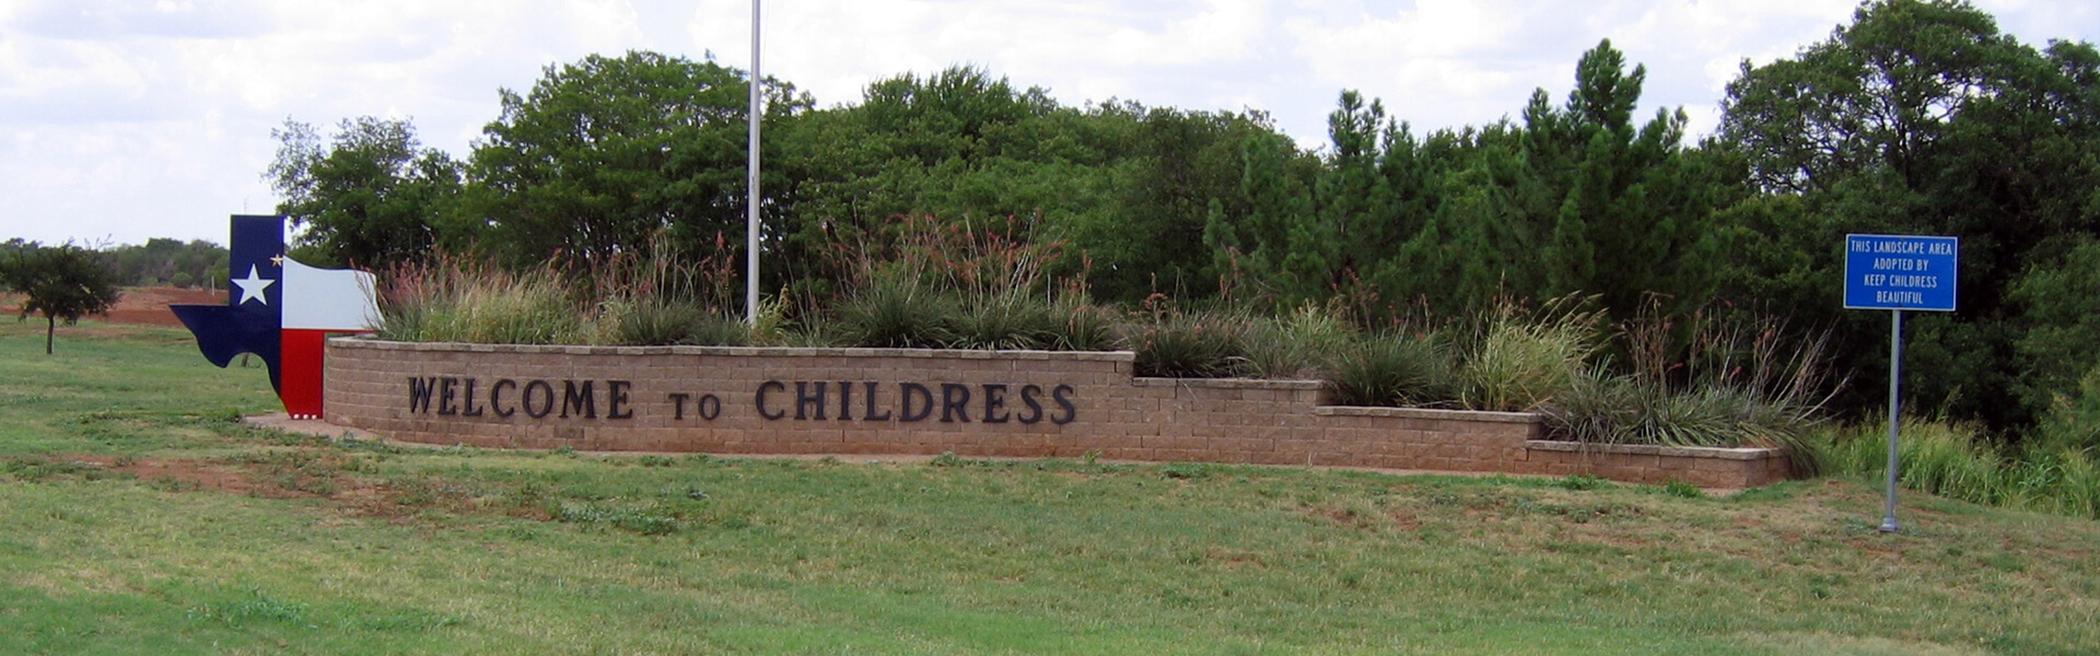 Foto8 Condado de Childress TX Mulher é presa e acusada de contrabandear 3 brasileiros no TX